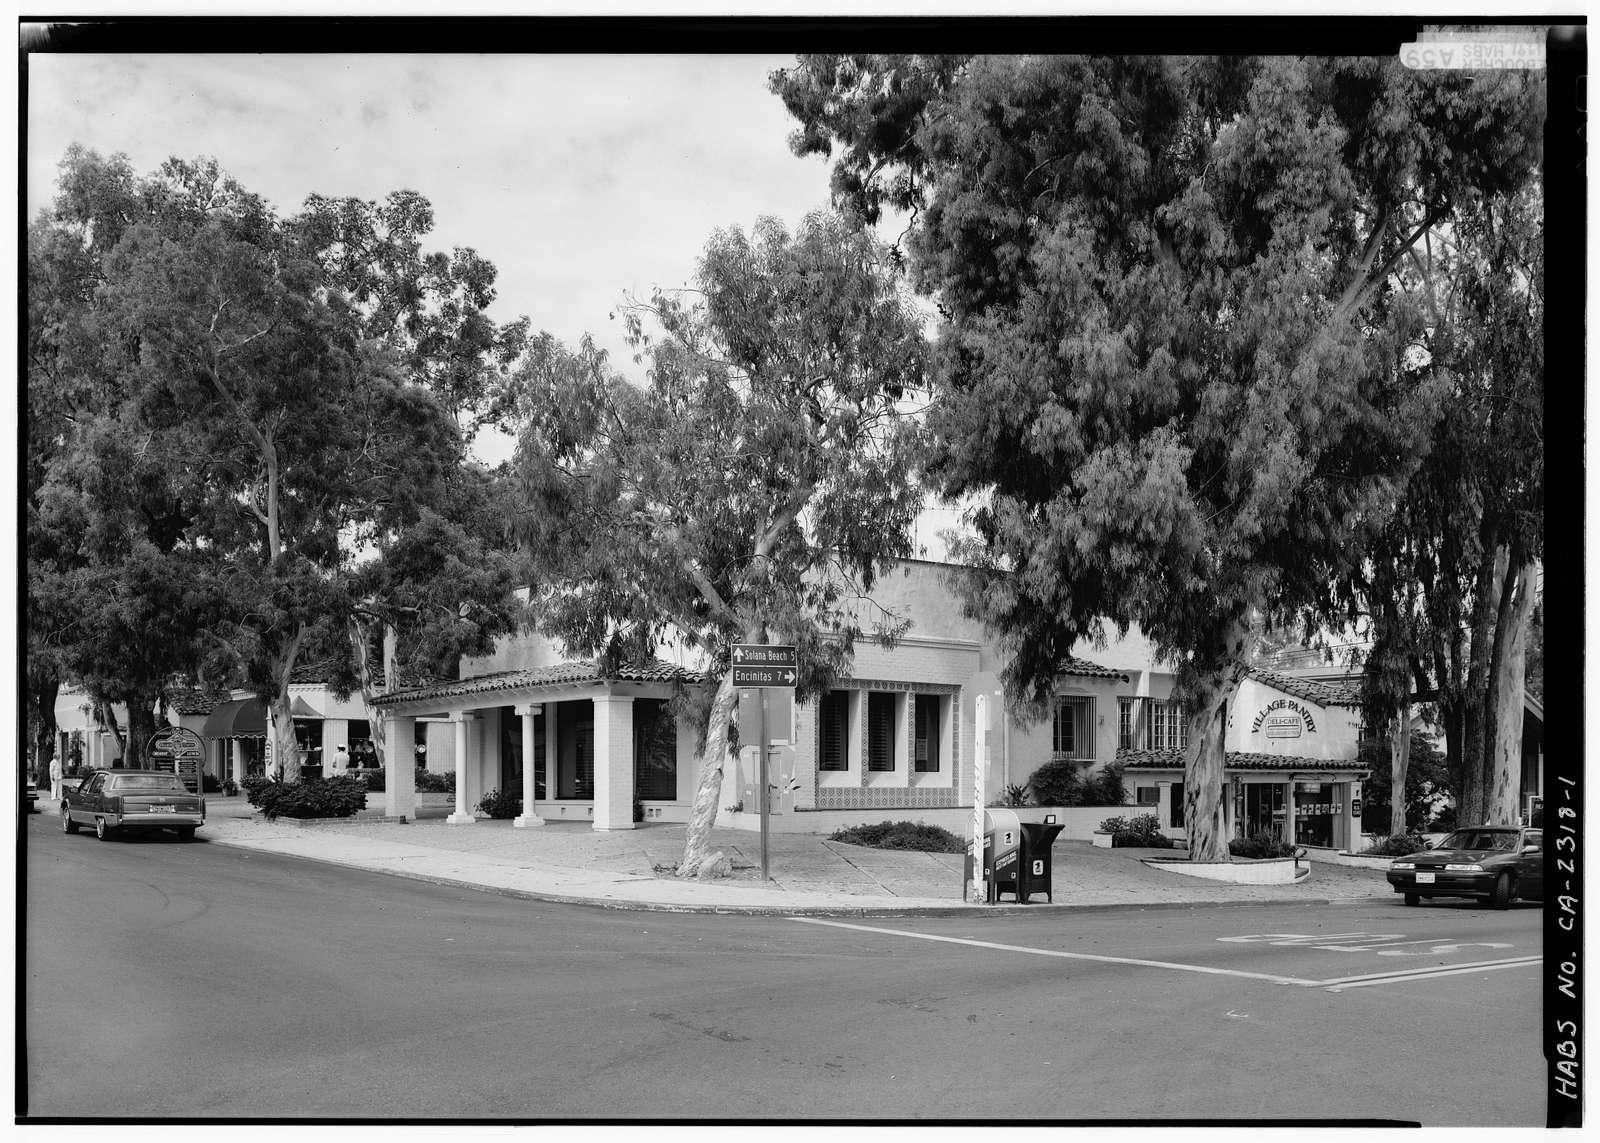 Rancho Santa Fe School (Second), 6024 Paseo Delicias, Rancho Santa Fe, San Diego County, CA